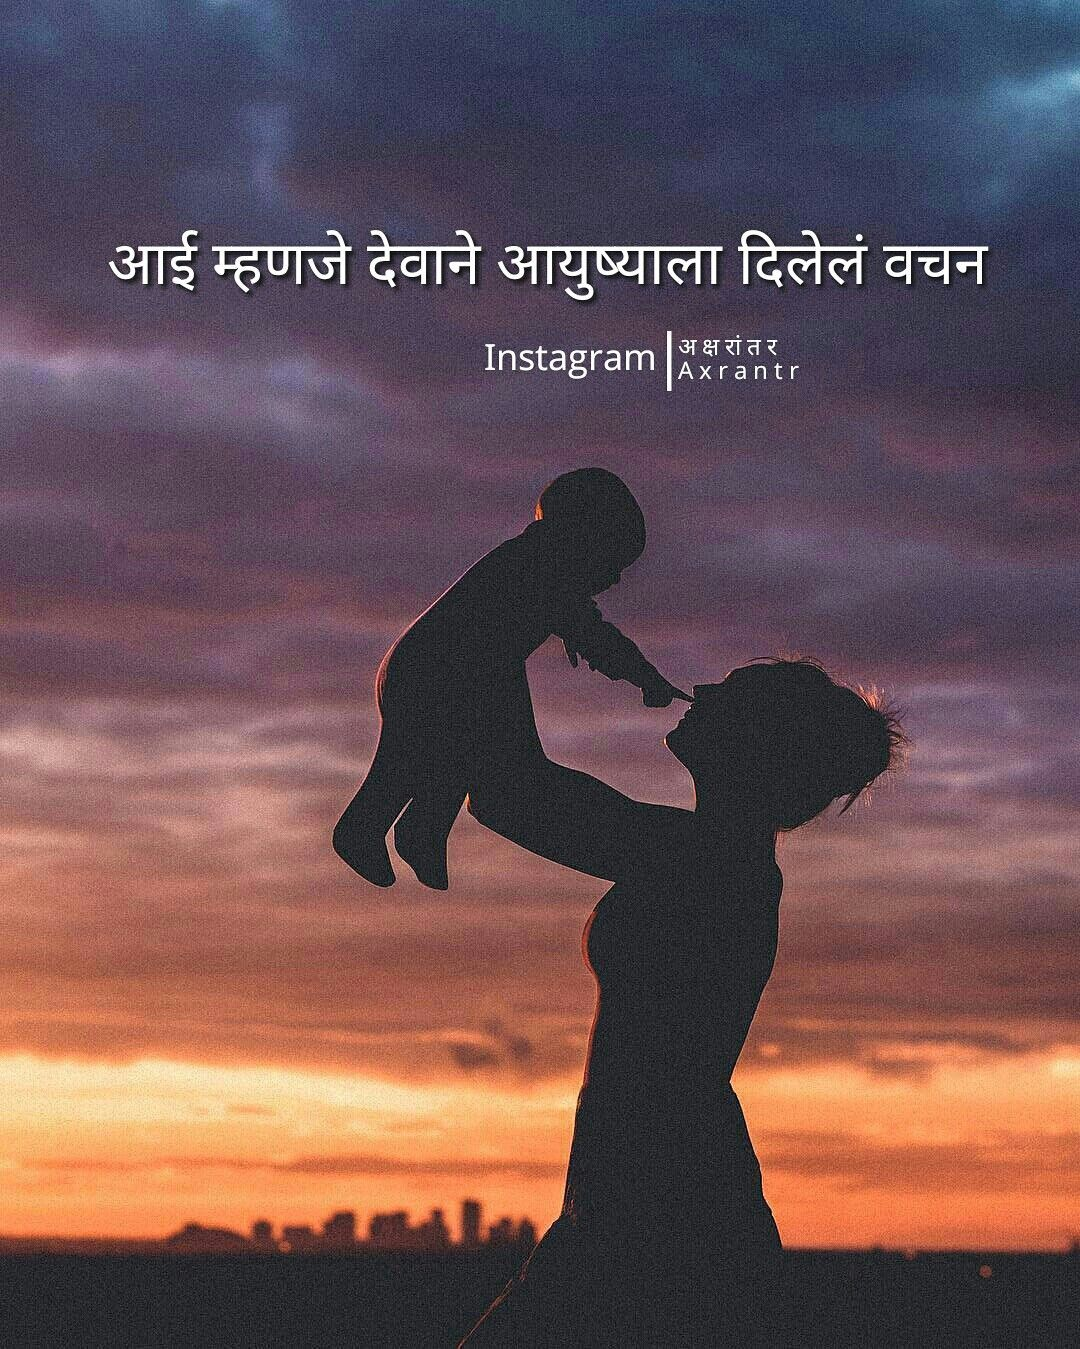 Pin By Ujwal Mahajan On Marathi Quotes Pinterest Marathi Quotes